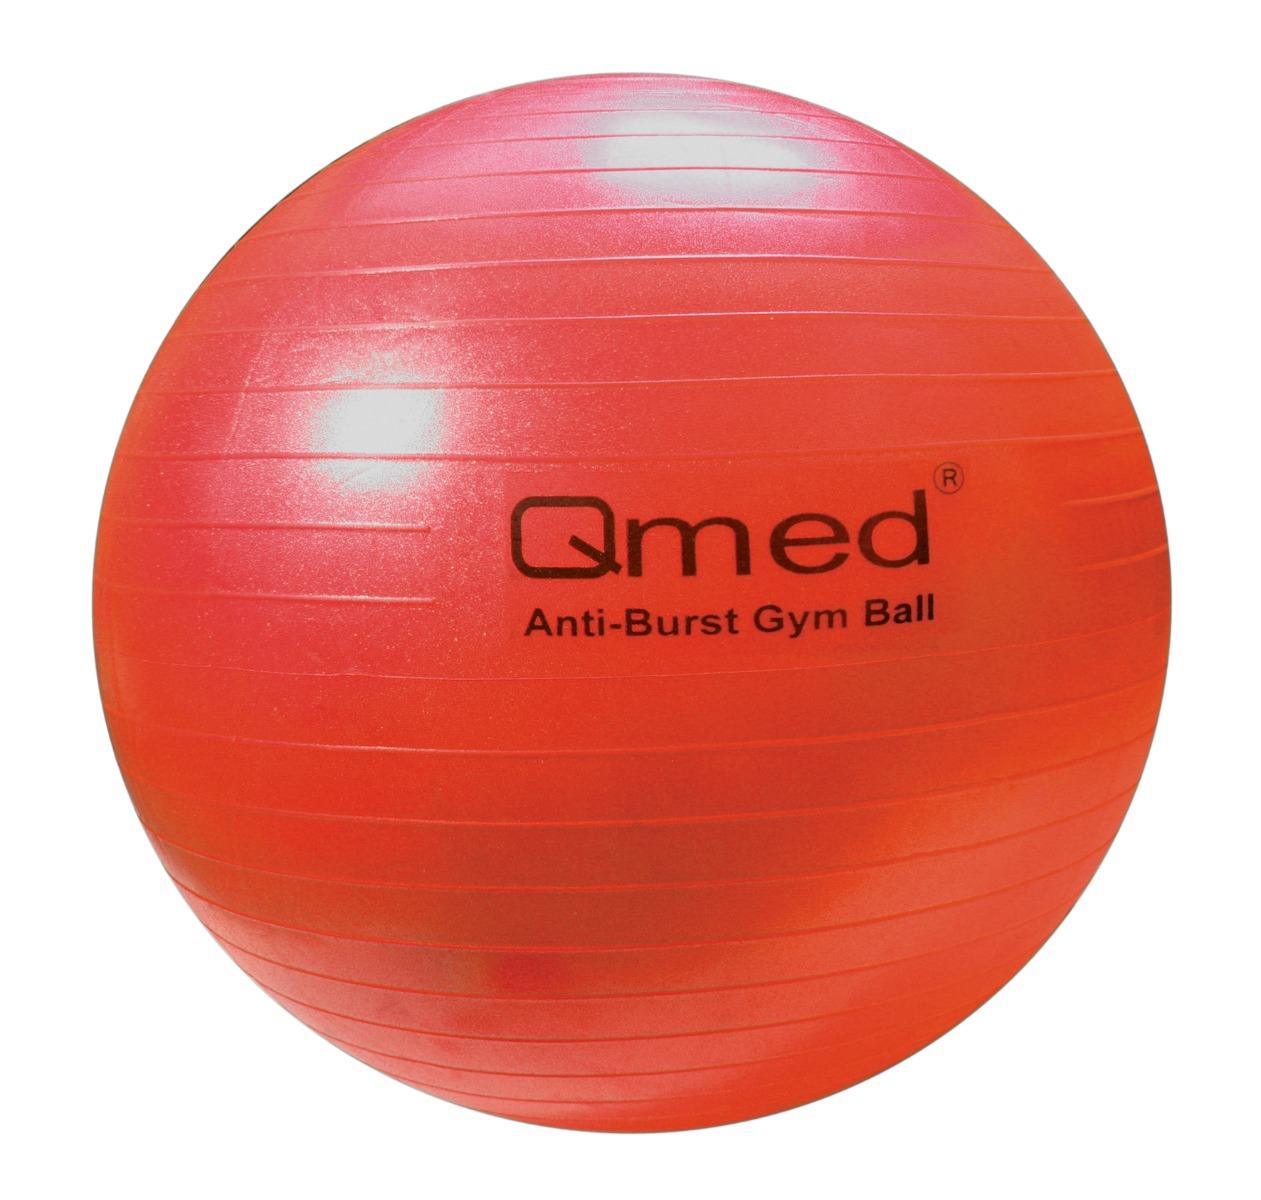 Реабилитационный мяч ABS GYM BALL красный 55см.Qmed